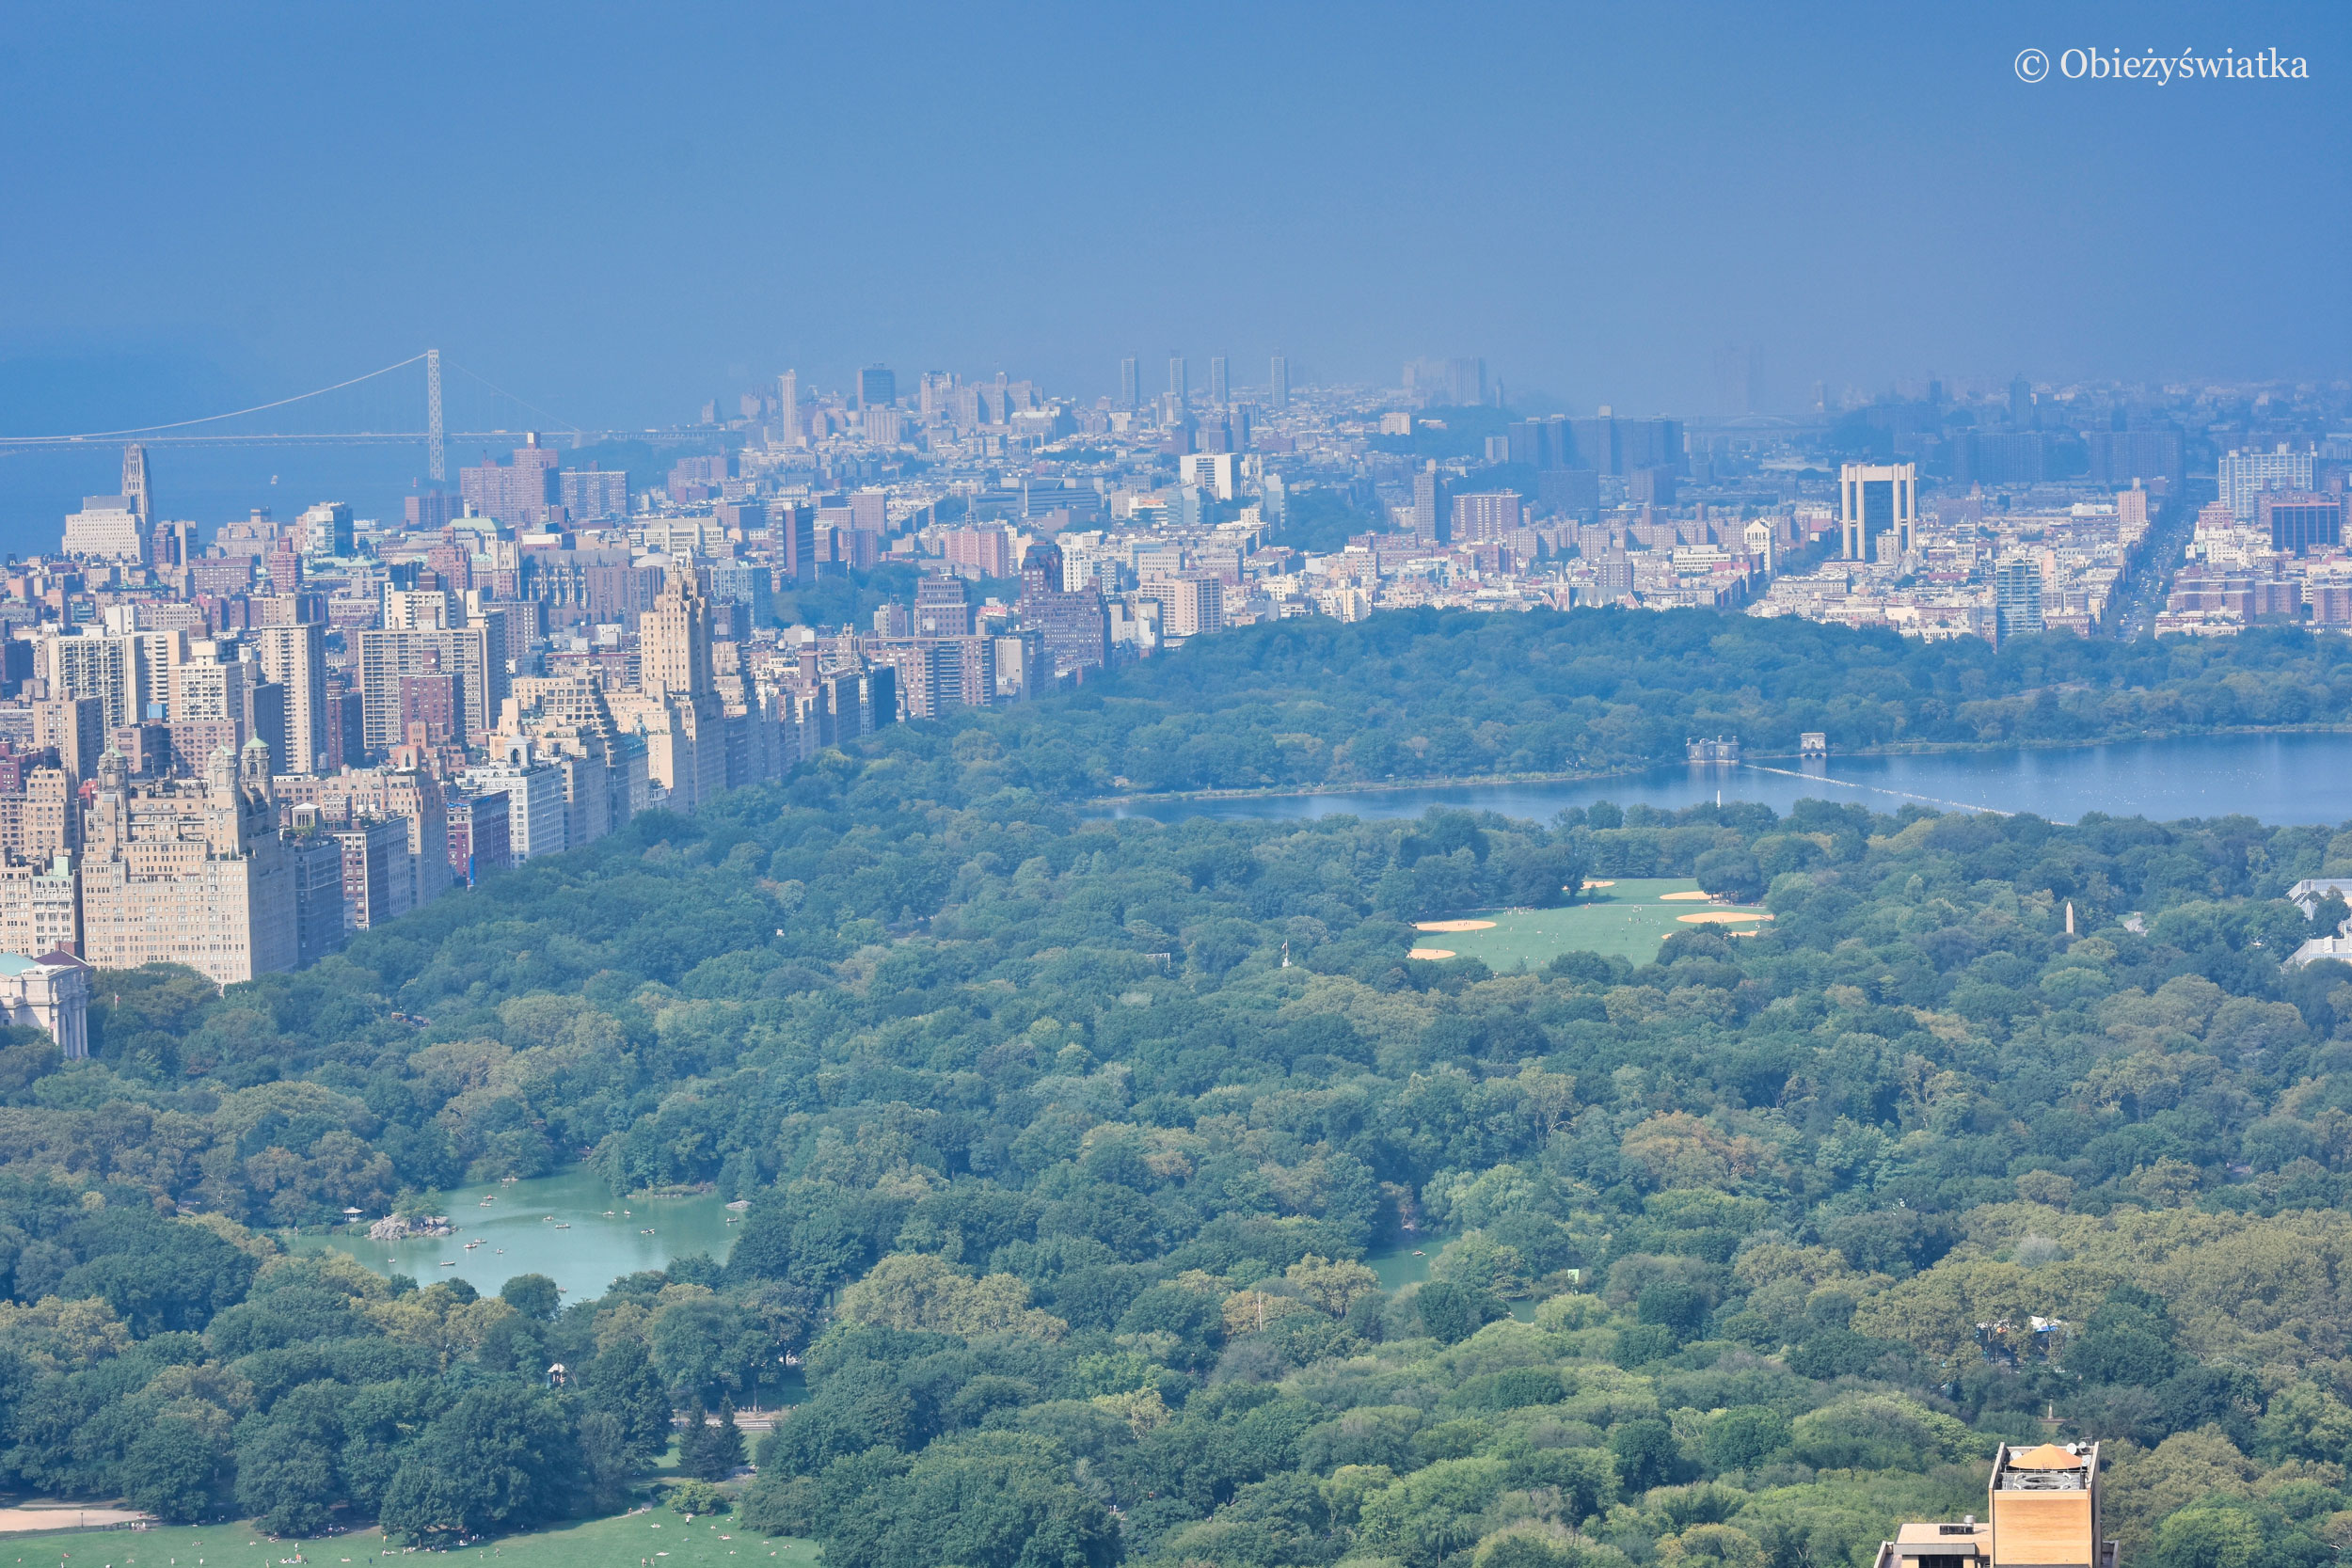 Central Park widziany z platformy kompleksu Rockefellera